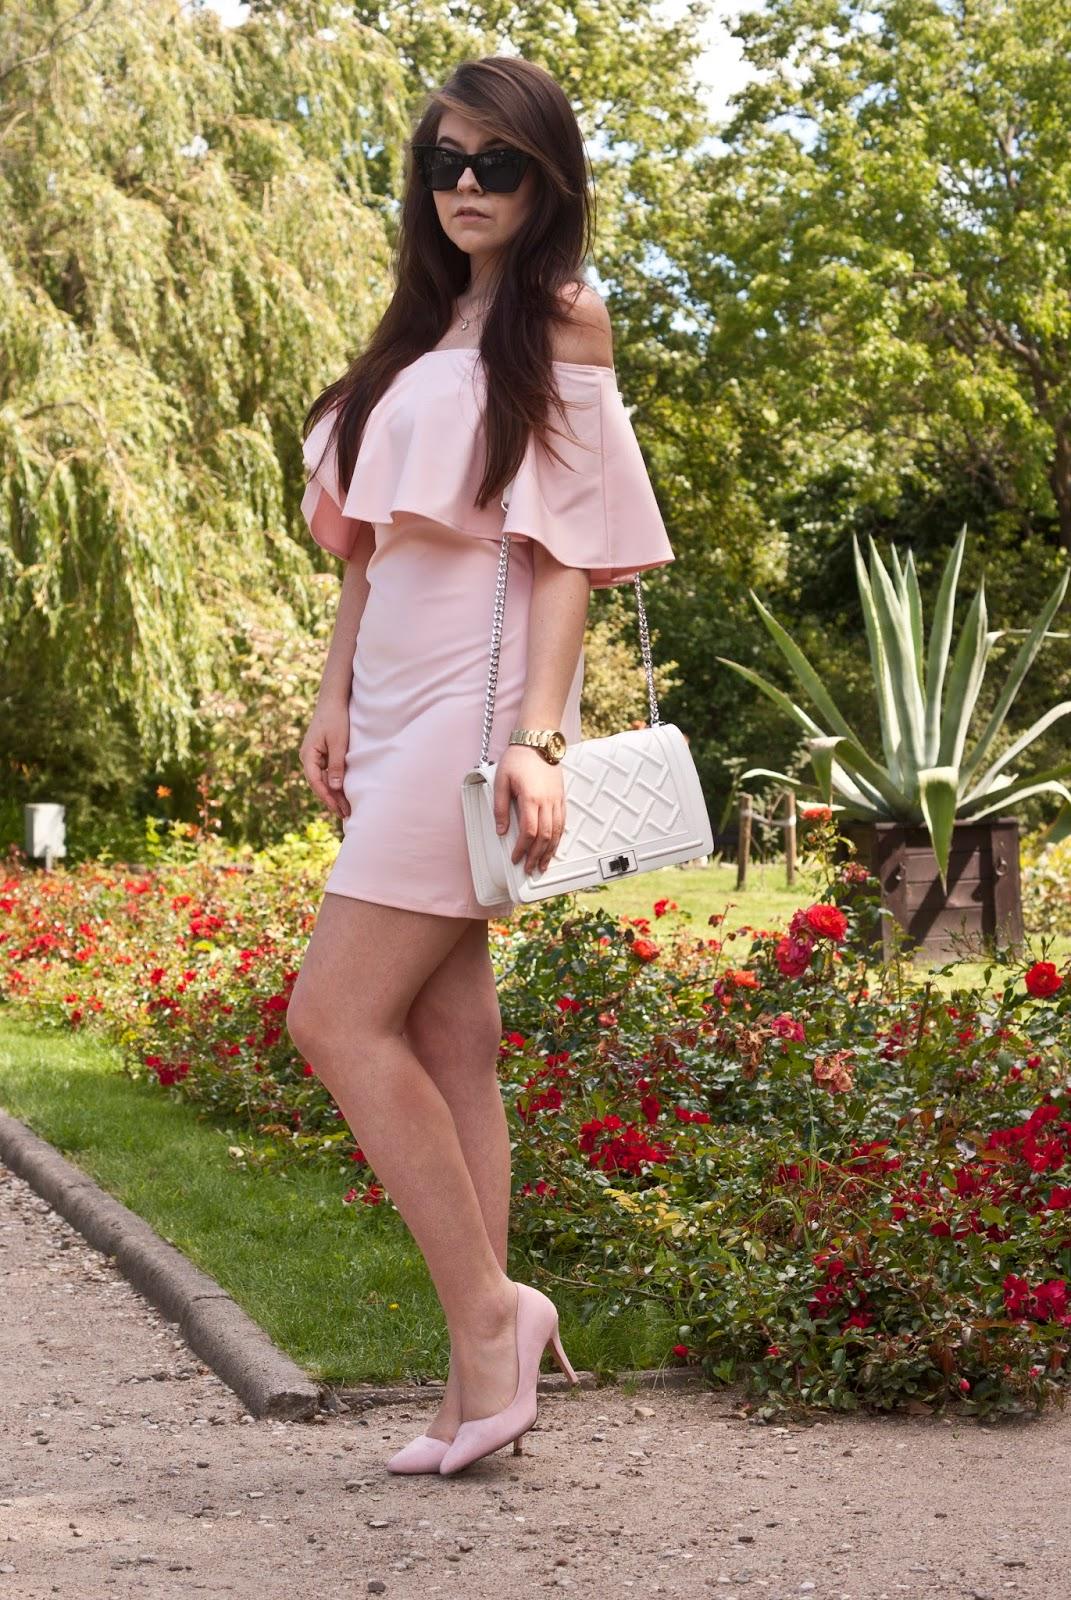 Pudrowo różowa sukienka z odkrytymi ramionami vubu.pl Biała torebka stylowebuty.pl / Pink dress off shoulder and white bag